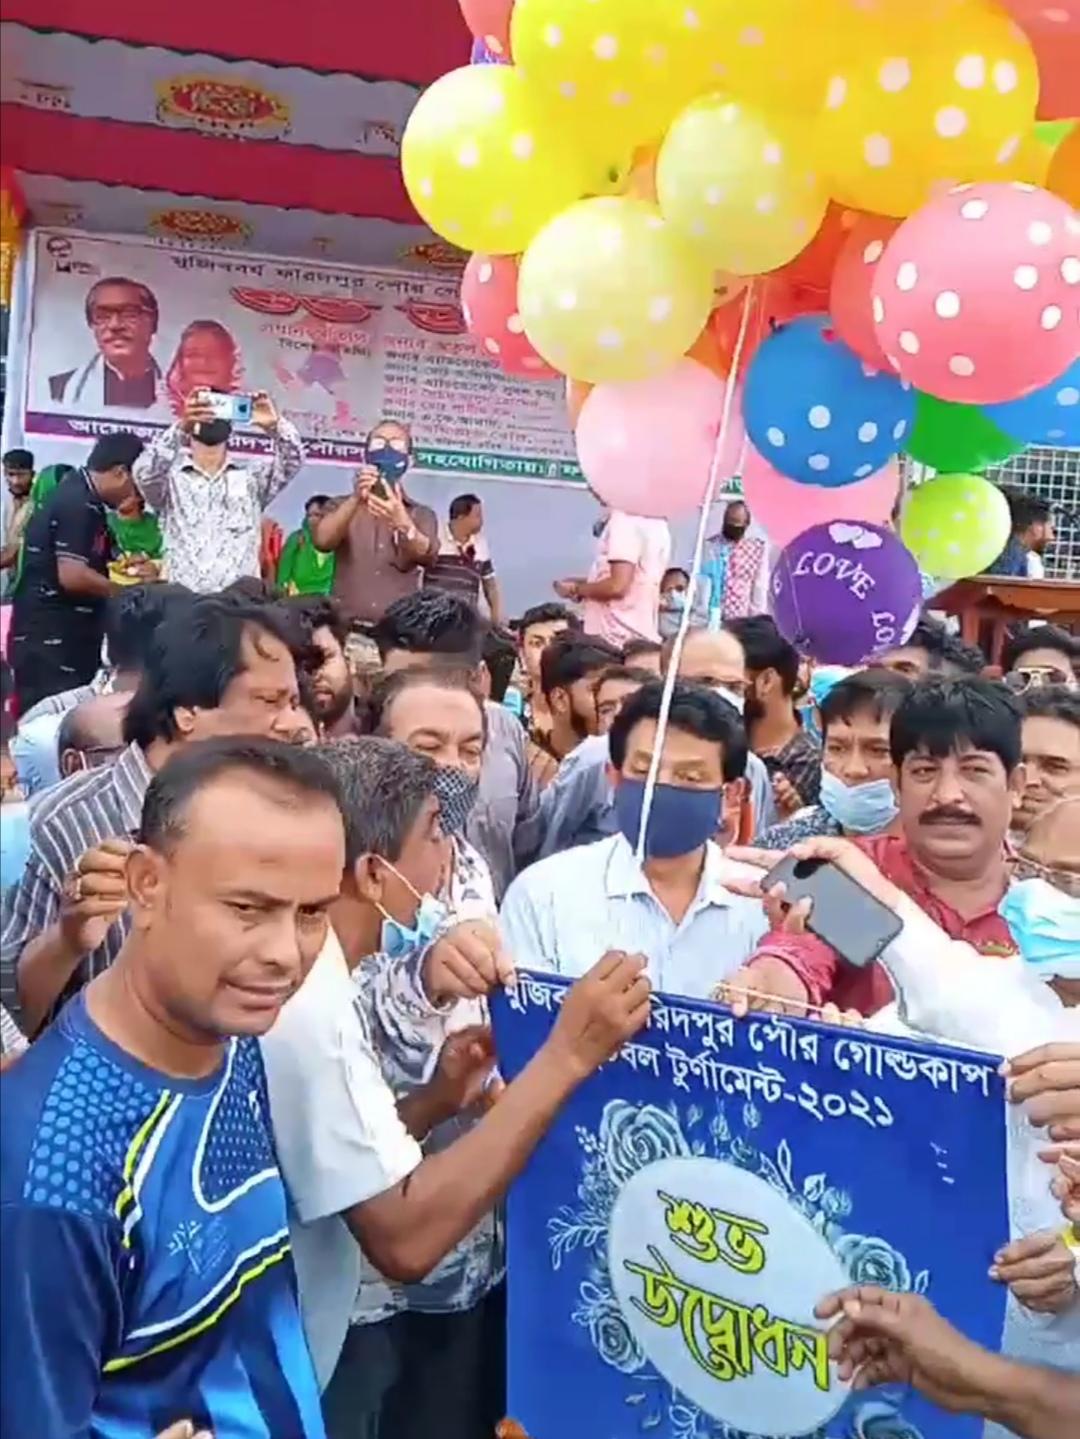 ফরিদপুরে মুজিববর্ষ পৌর গোল্ডকাপ ফুটবল টুর্ণামেন্ট উদ্বোধন